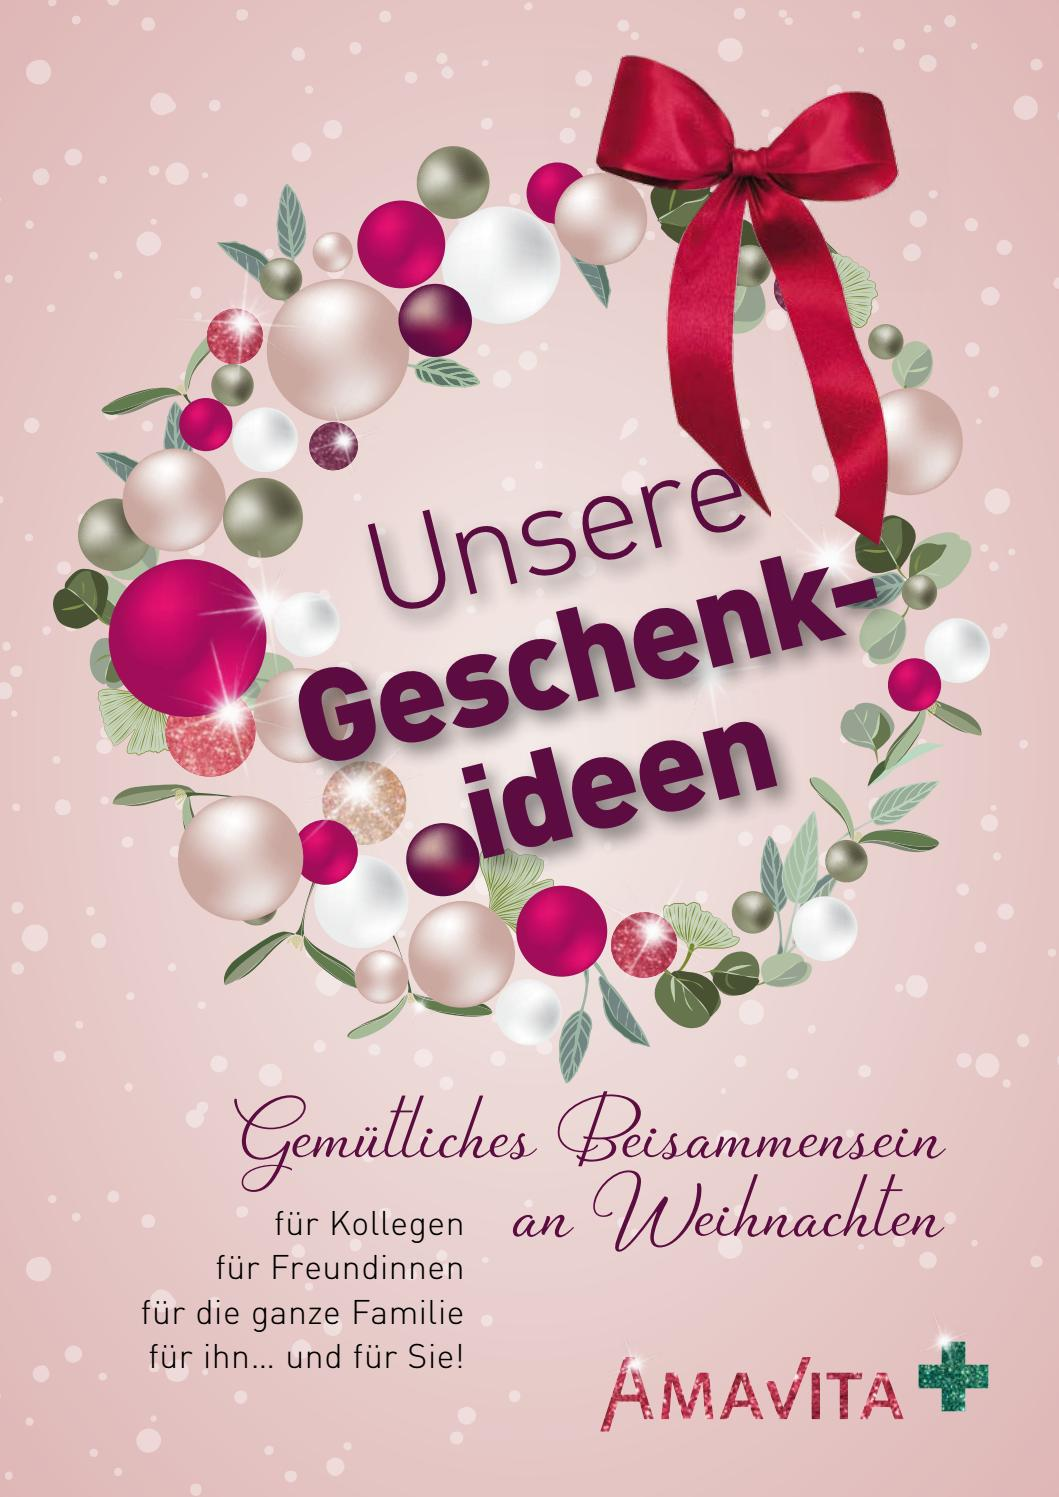 St Gallen Handgranate Im Gallusmarkt Untersuchung Eingestellt